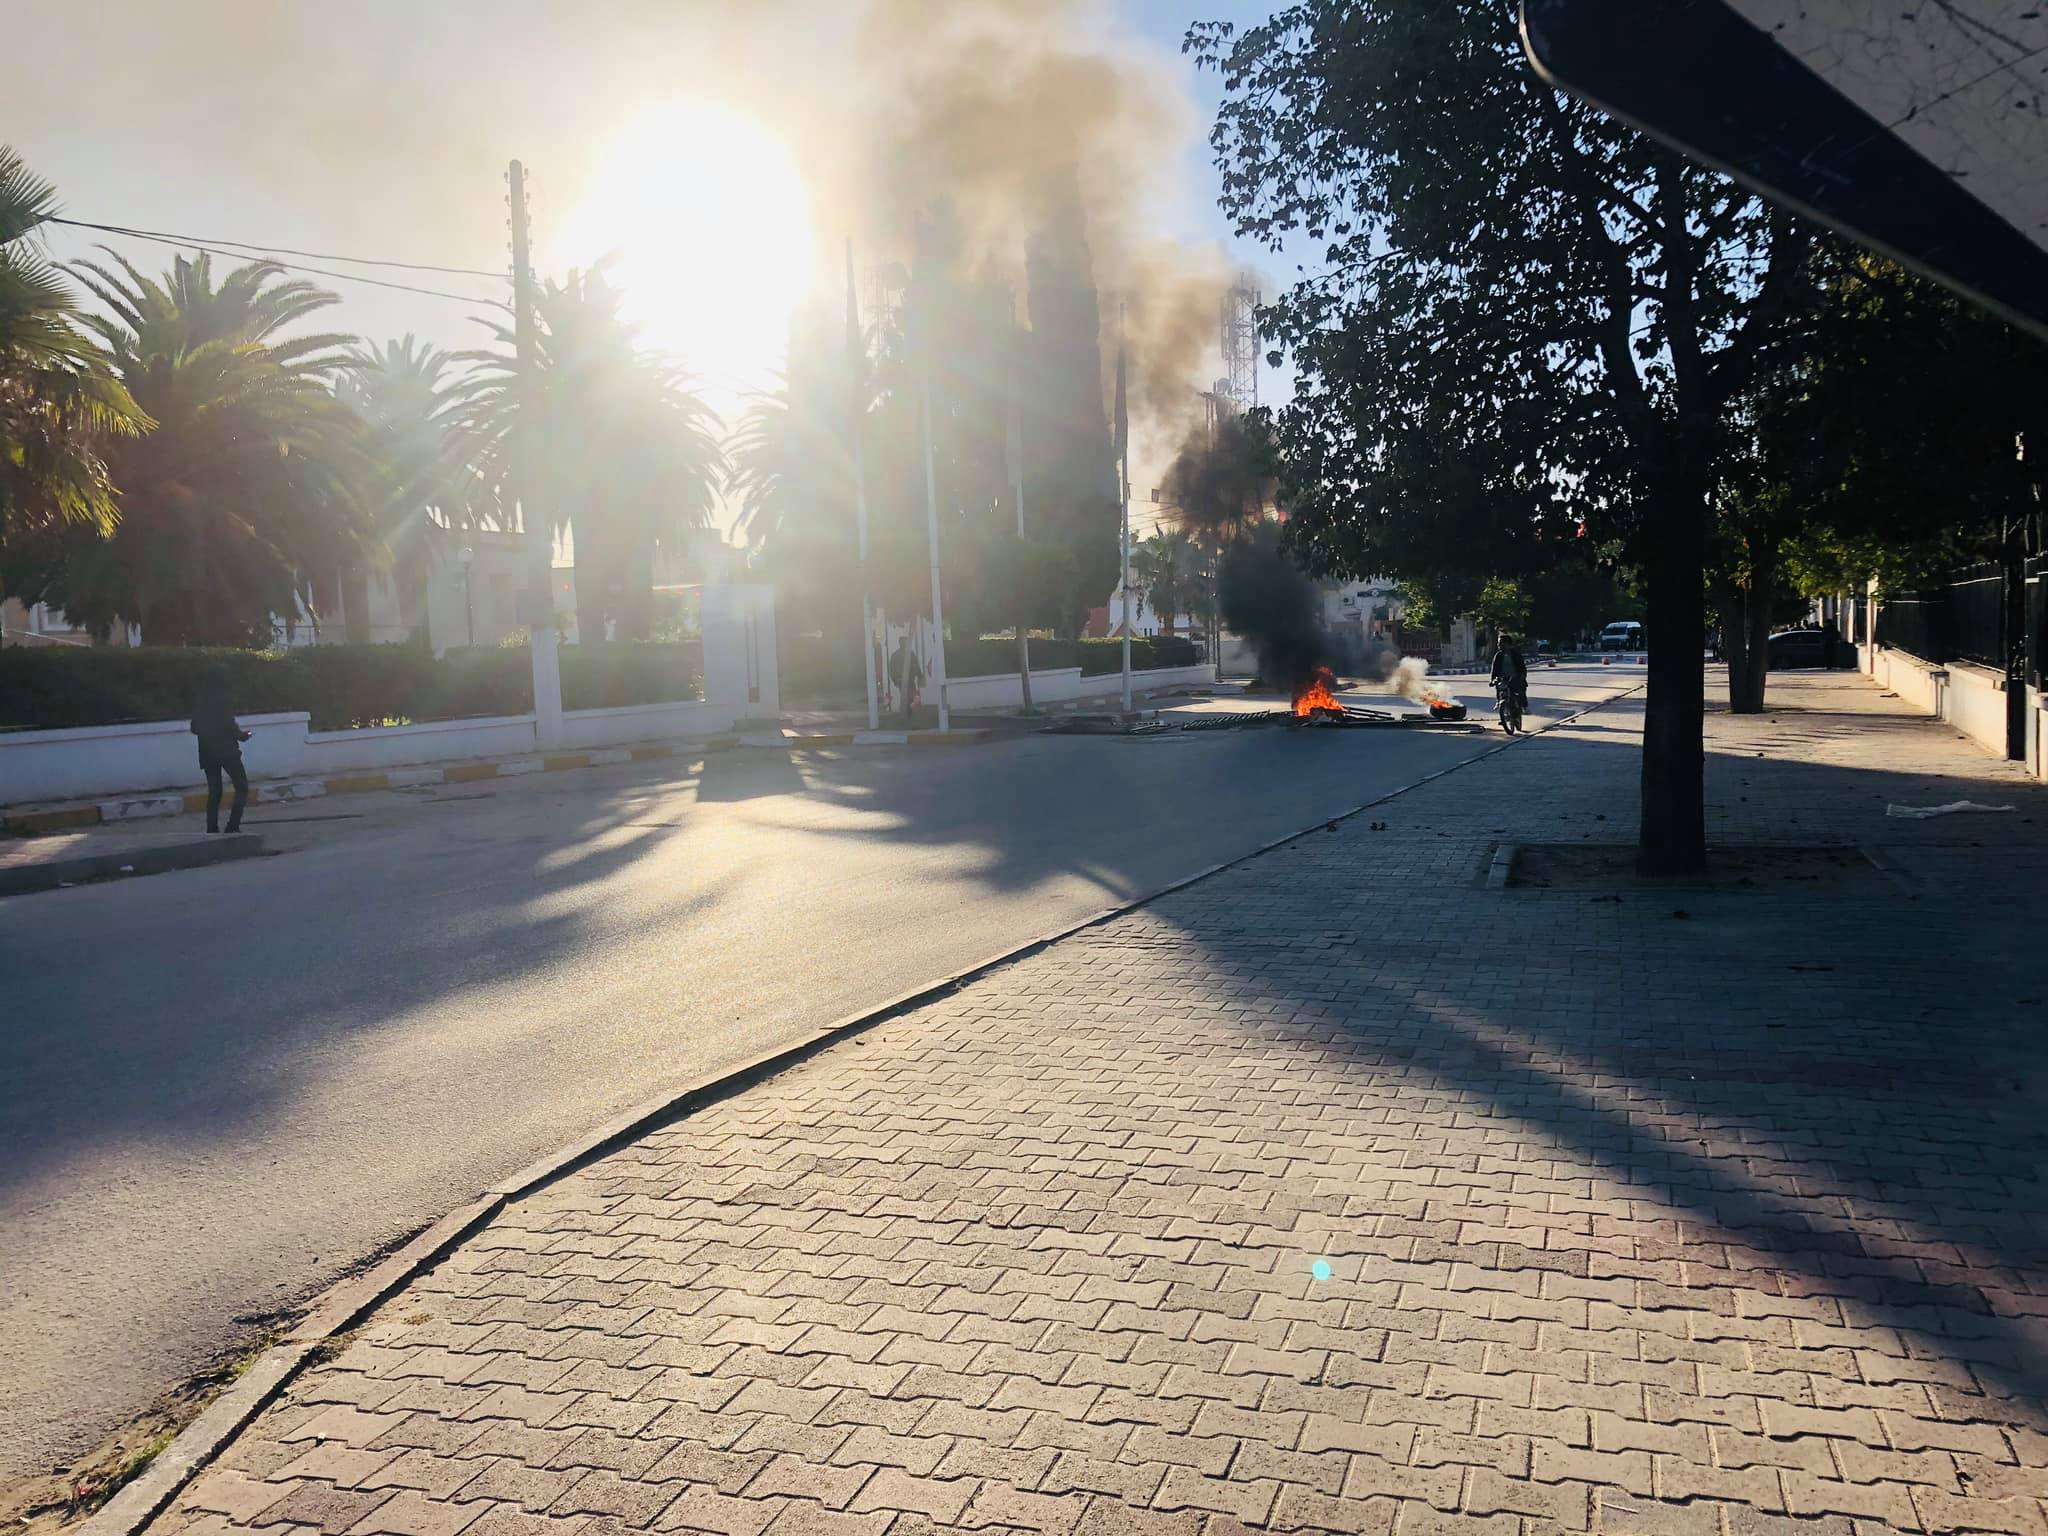 سبيطلة: احتجاجات اثر وفاة شخص أثناء تنفيذ حملة لهدم البناءات الفوضوية